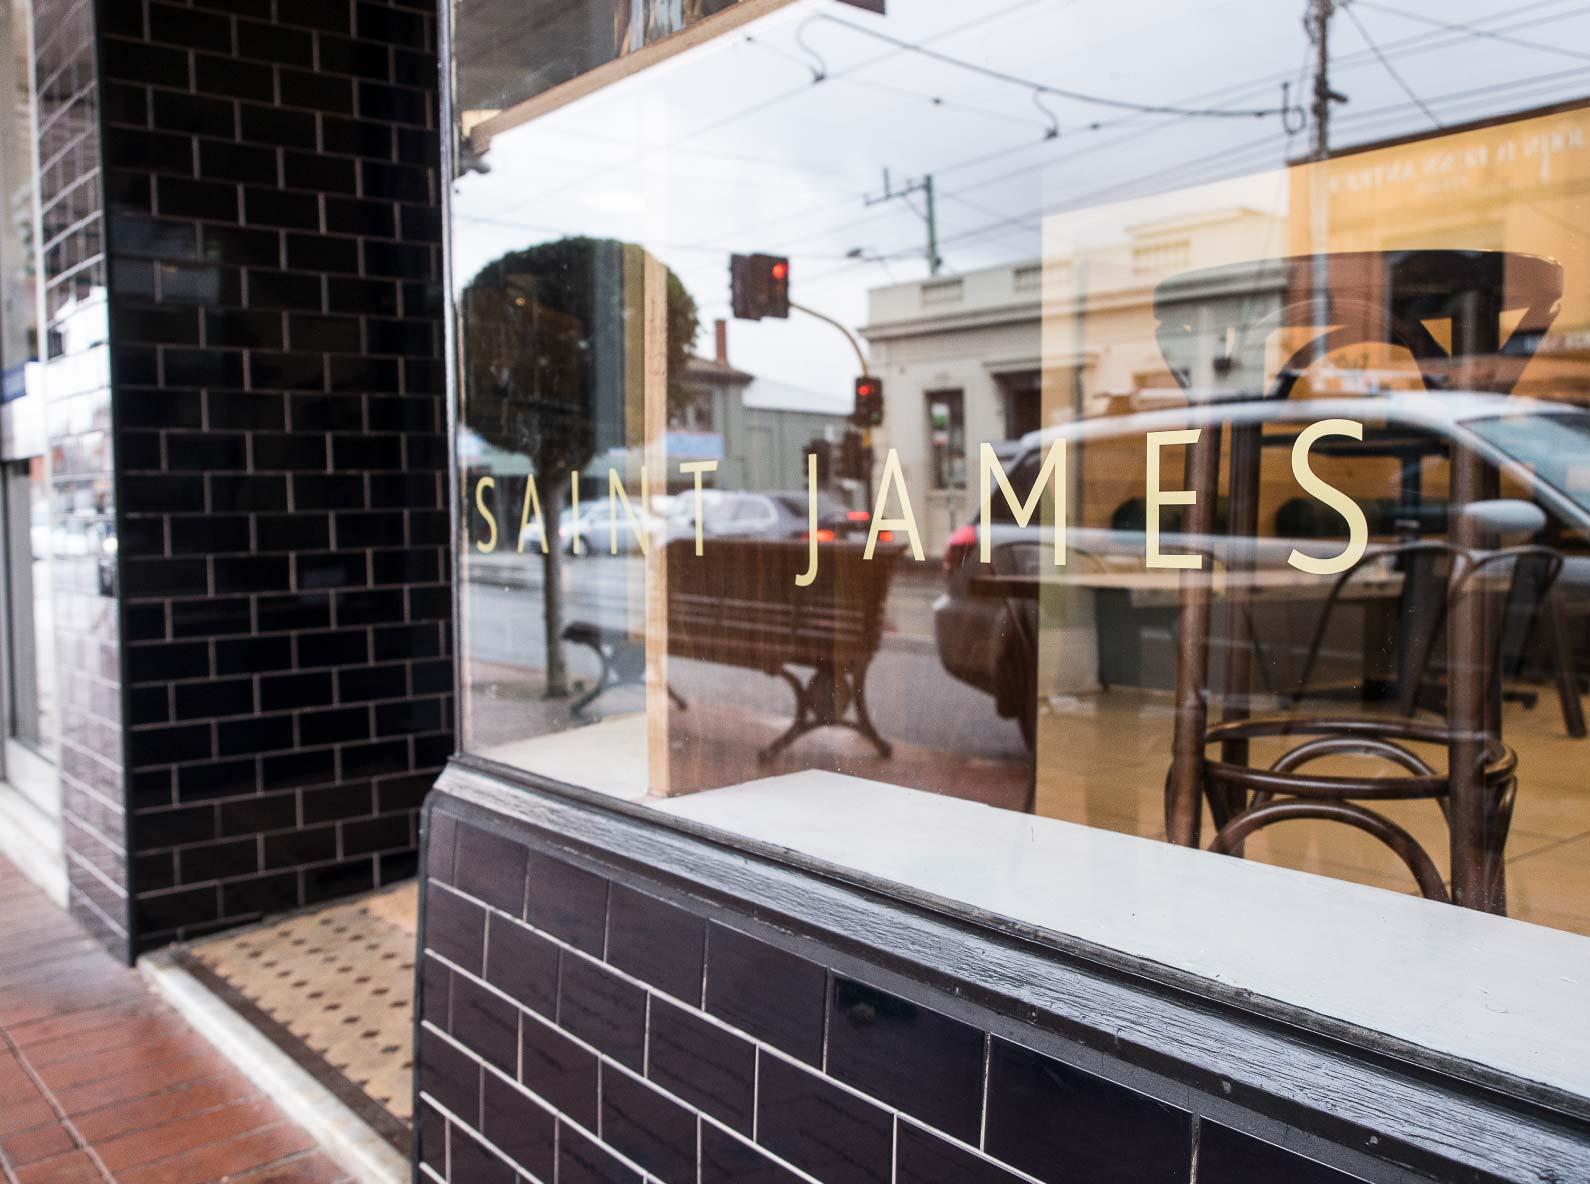 St James Cafe